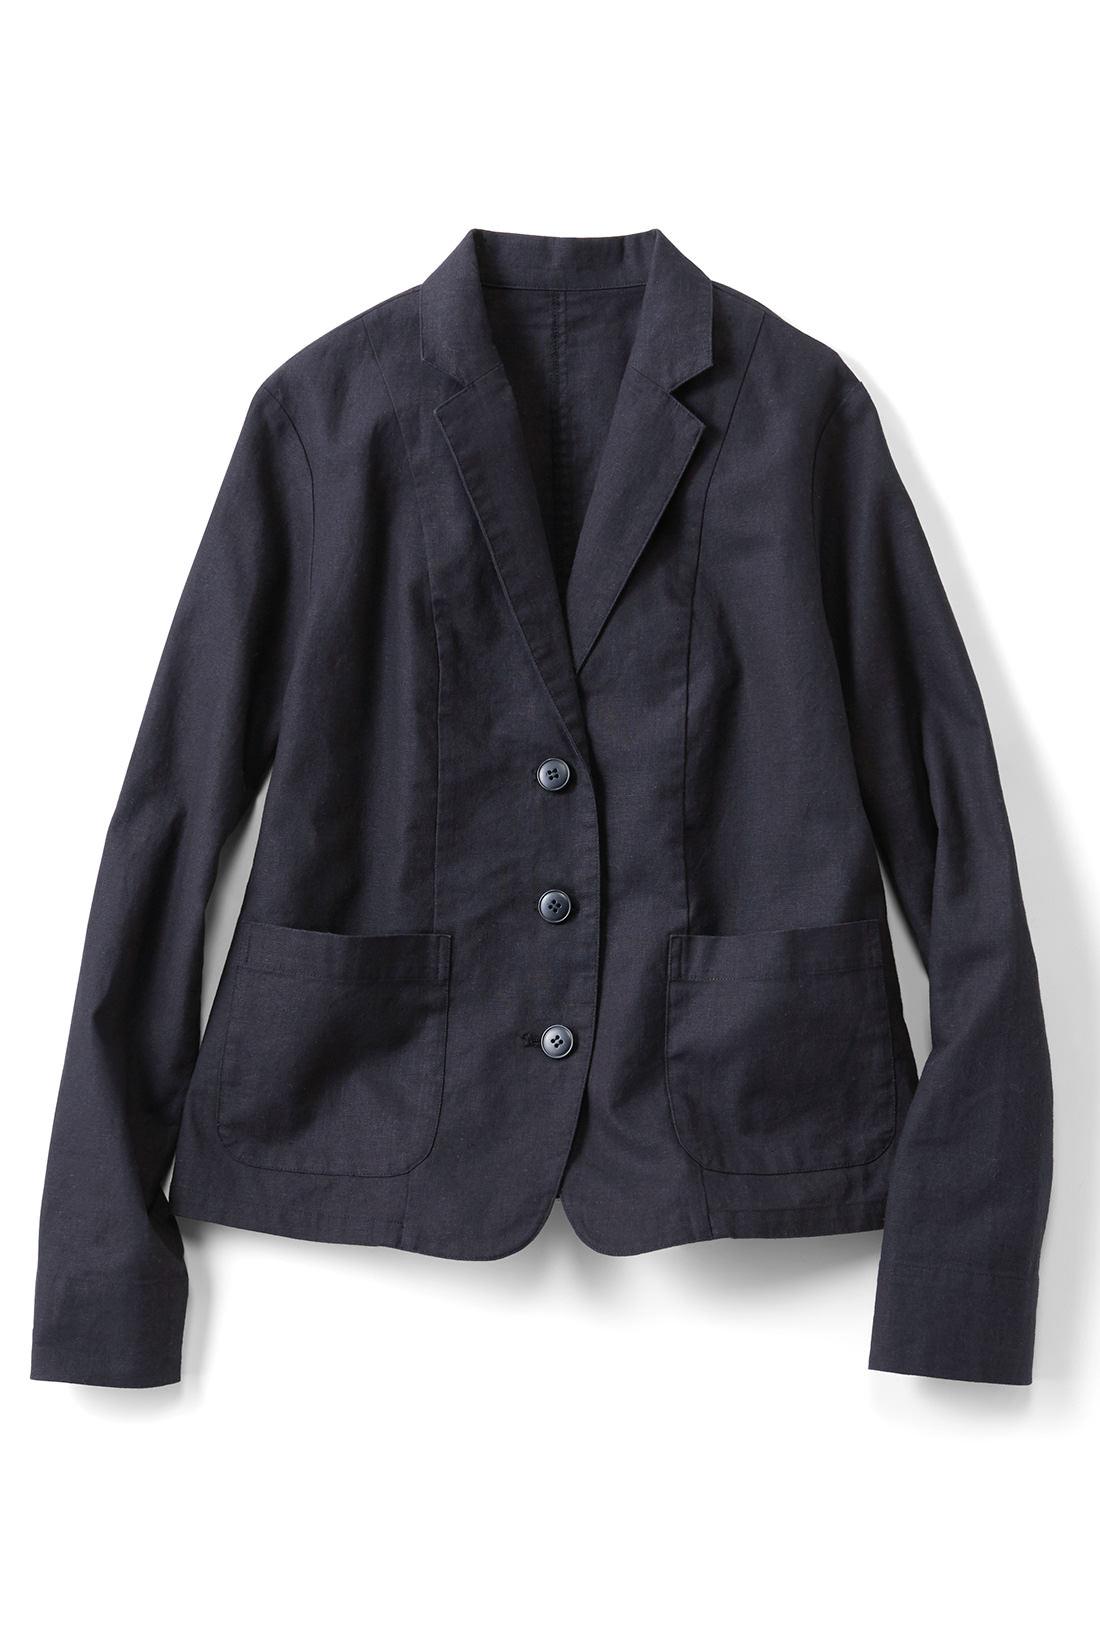 麻混素材のくったり感が◎。かっちりしすぎず、ラフに着られます。麻混素材らしい黒すぎない黒がいい感じ。通気性がいいので着心地◎。